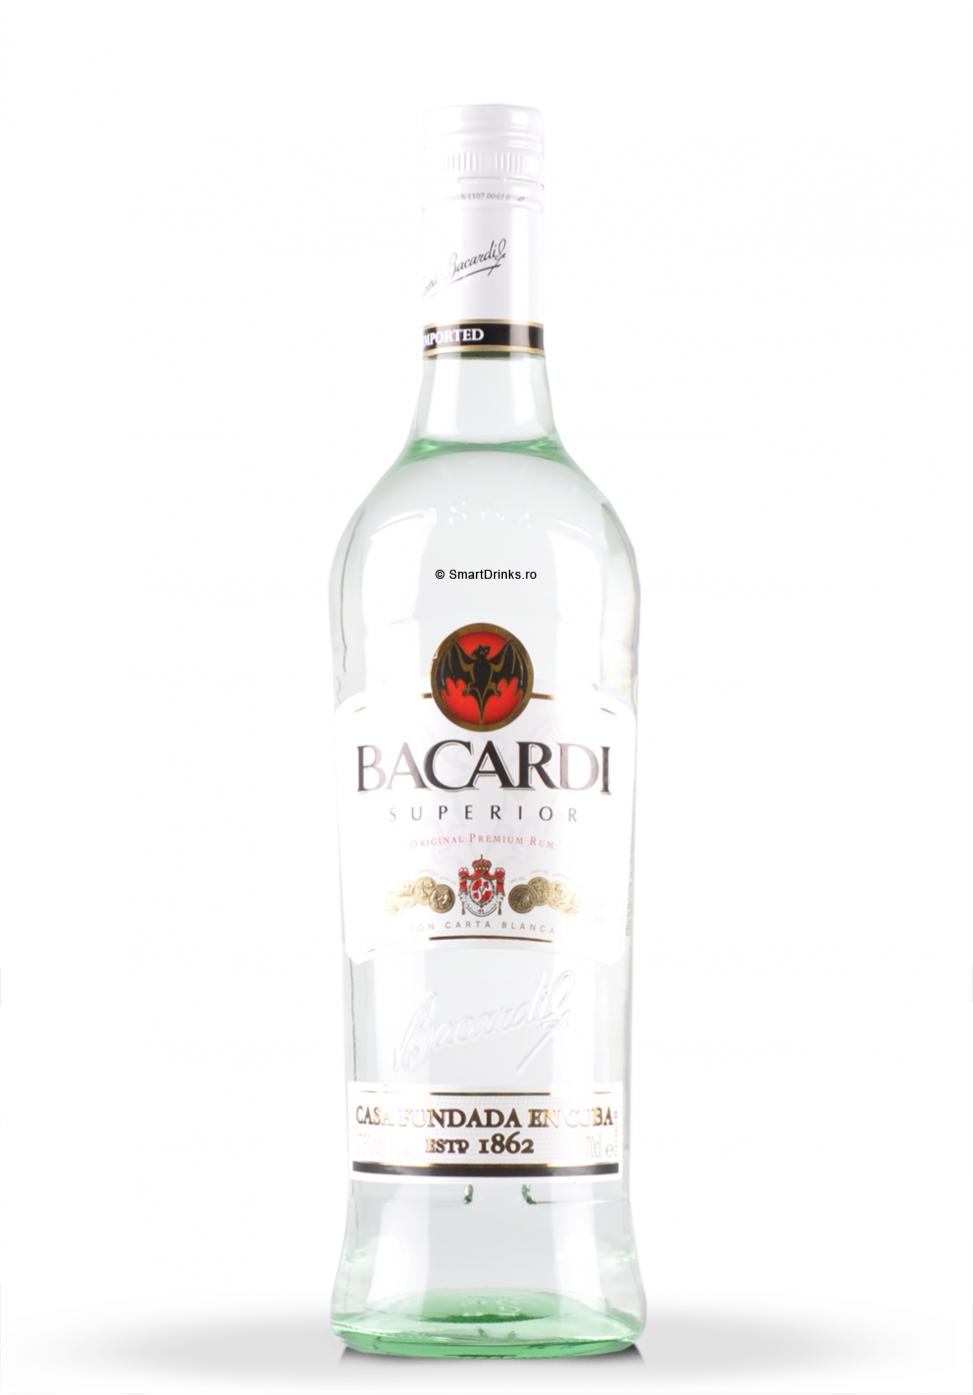 Filename: 0357-bacardi-superior-original-premium-rum-gallery-1-973x1395.png - Bacardi PNG